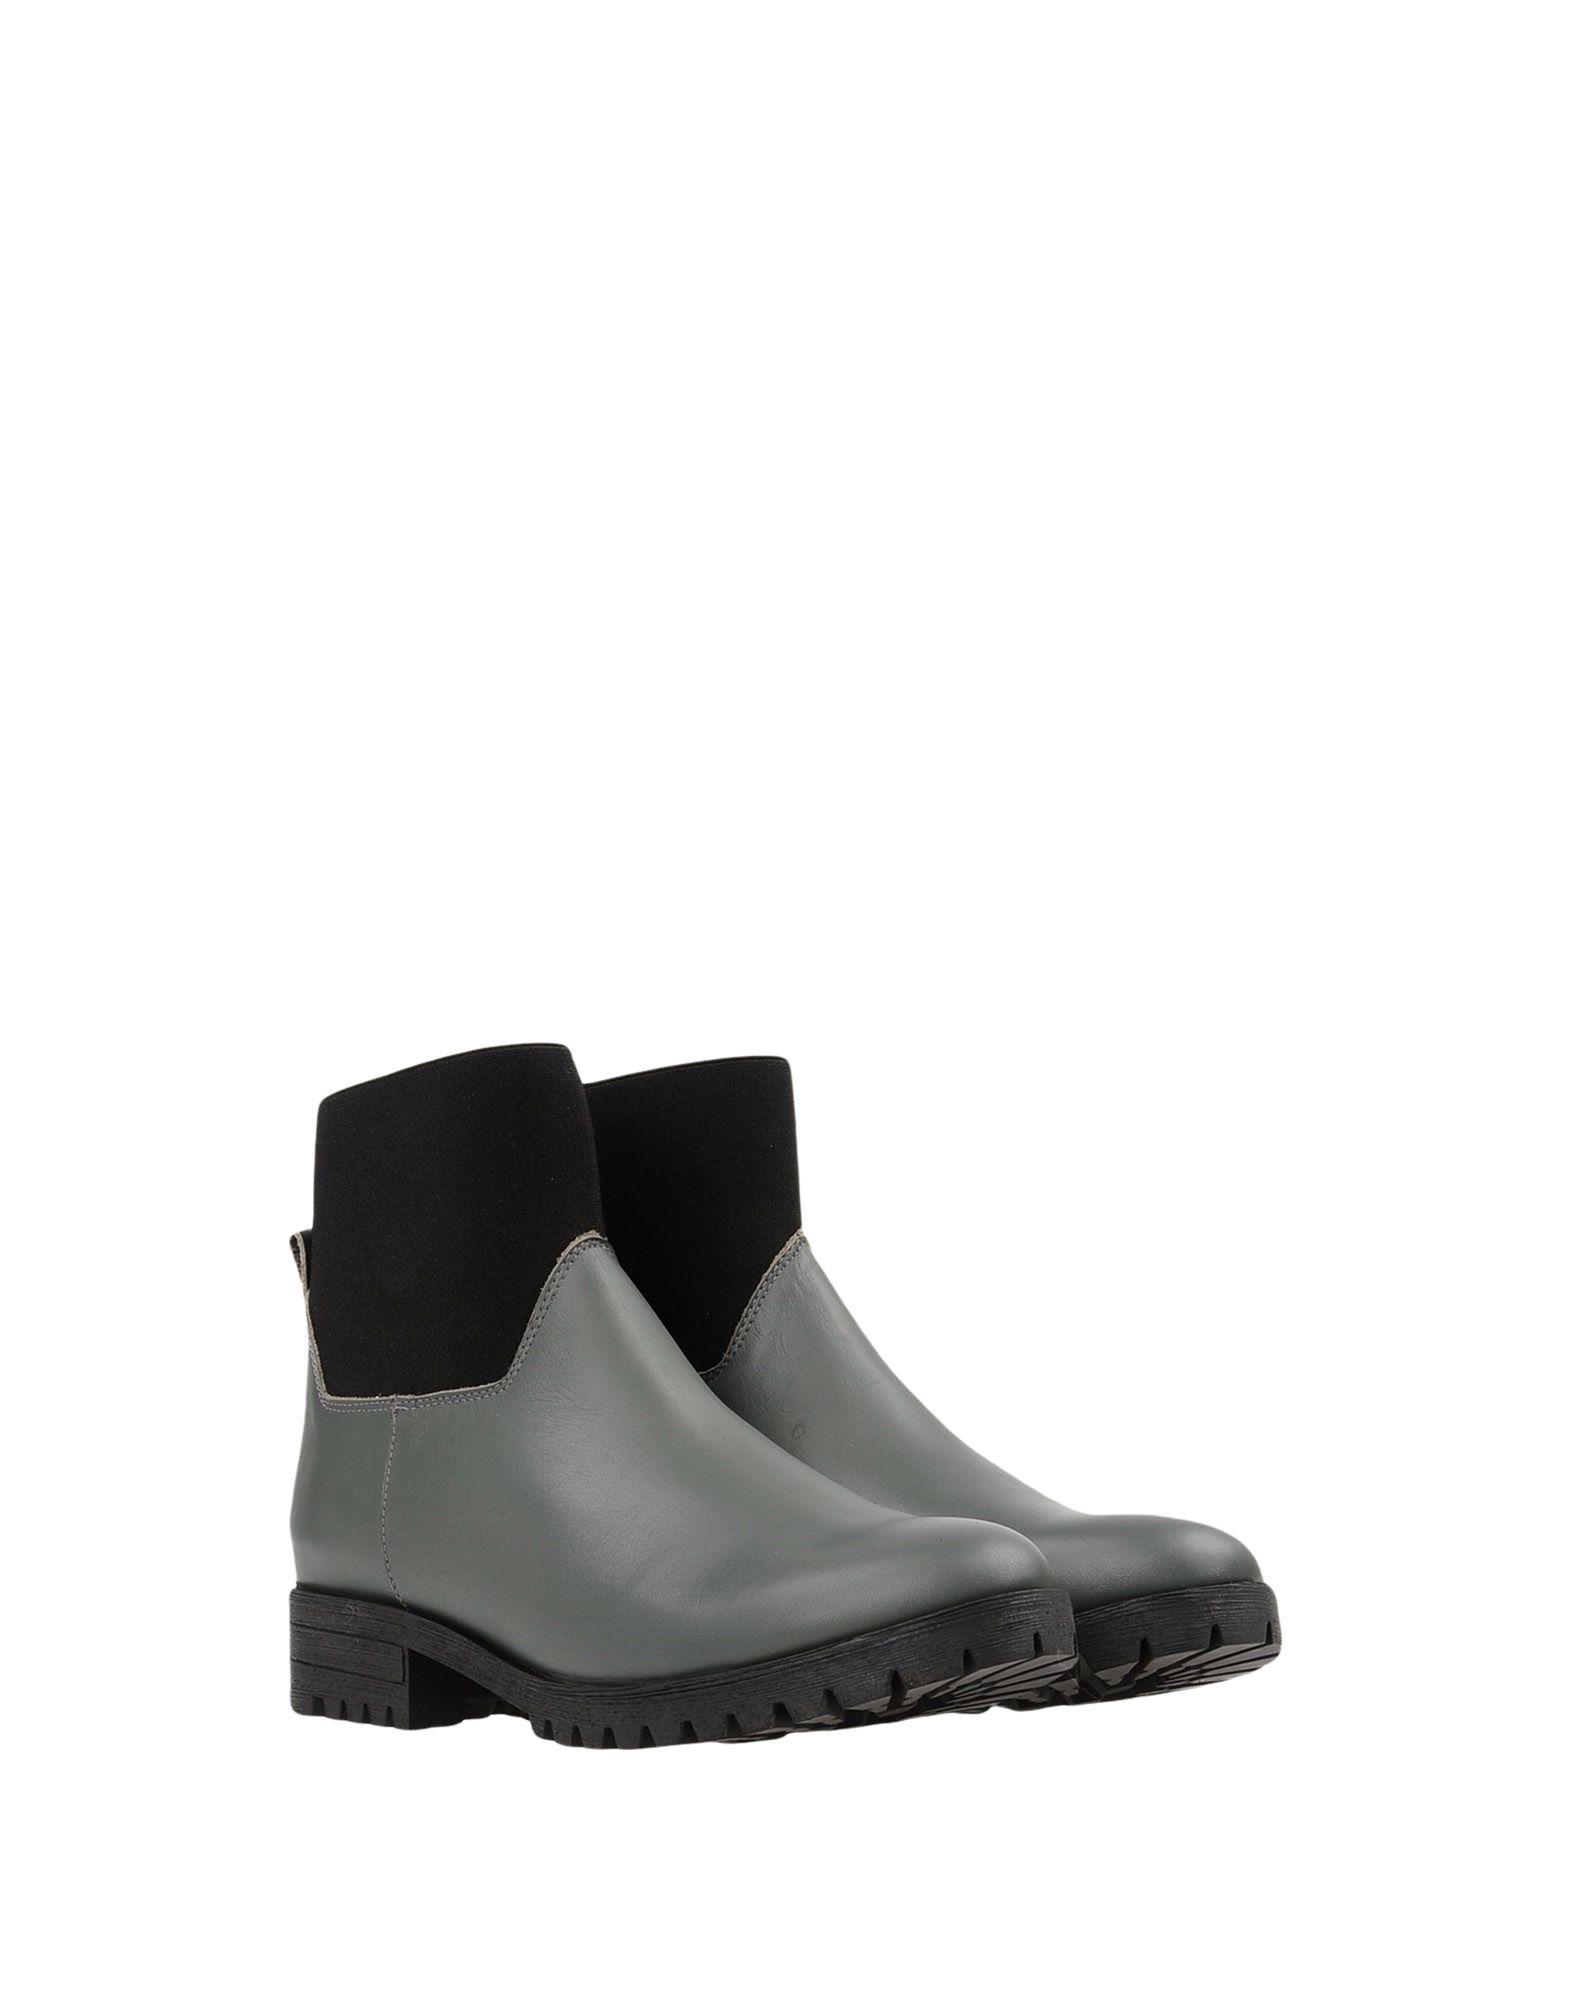 Gut Chelsea um billige Schuhe zu tragenMaison Schuheshibar Chelsea Gut Stiefel Damen  11371373PN 1ea1e1